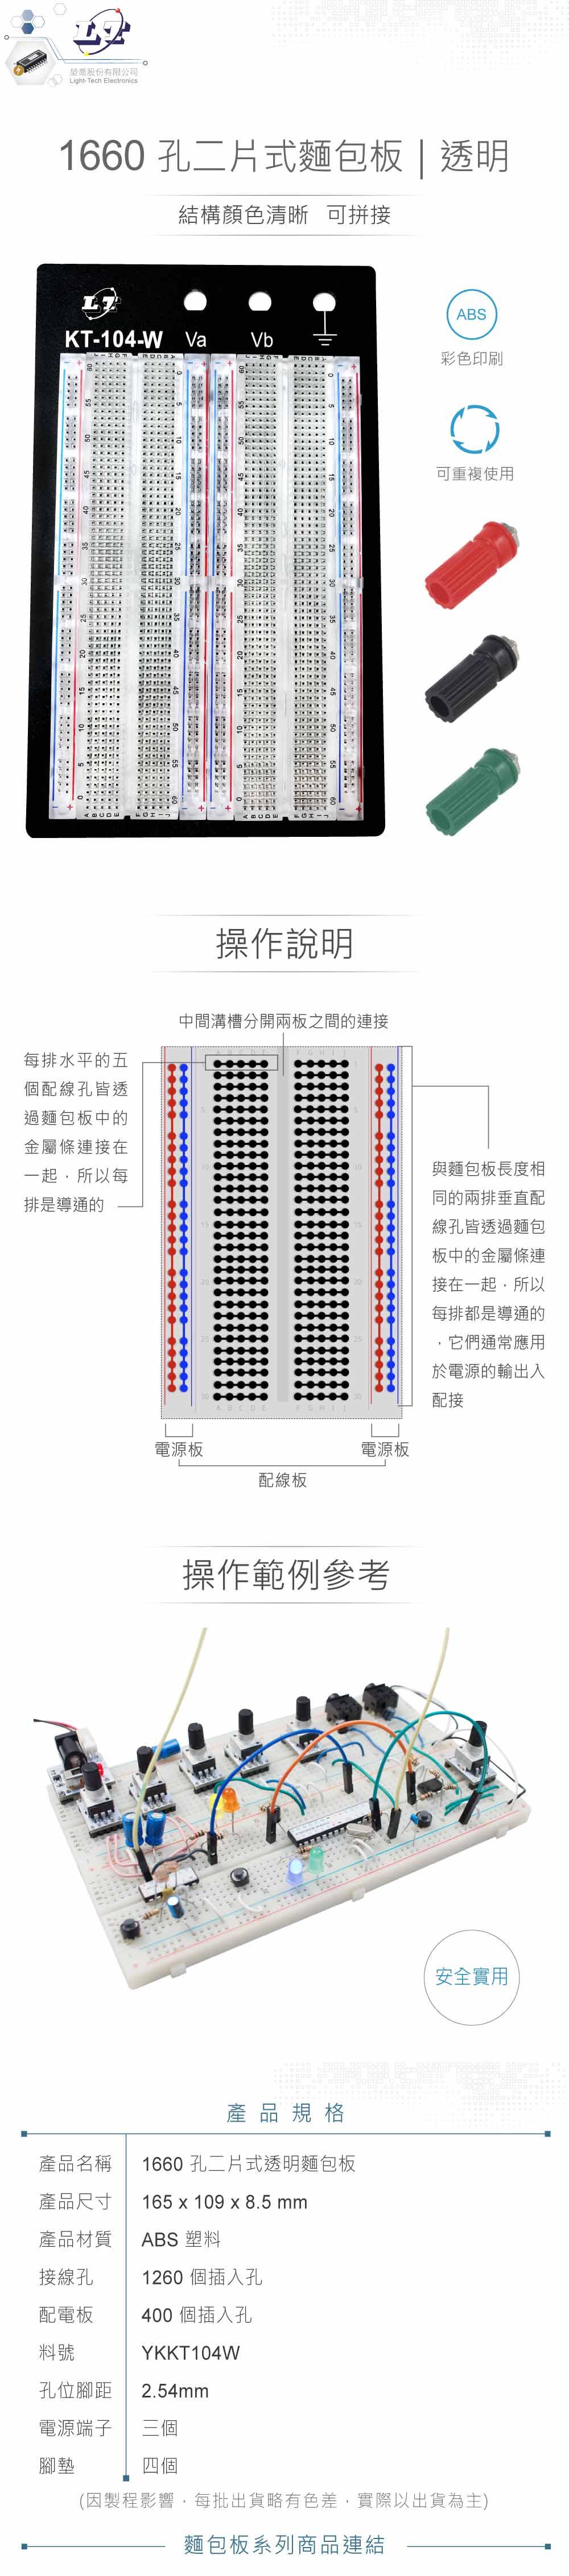 堃喬 堃邑 麵包板 端子線 組合 電子材料 透明